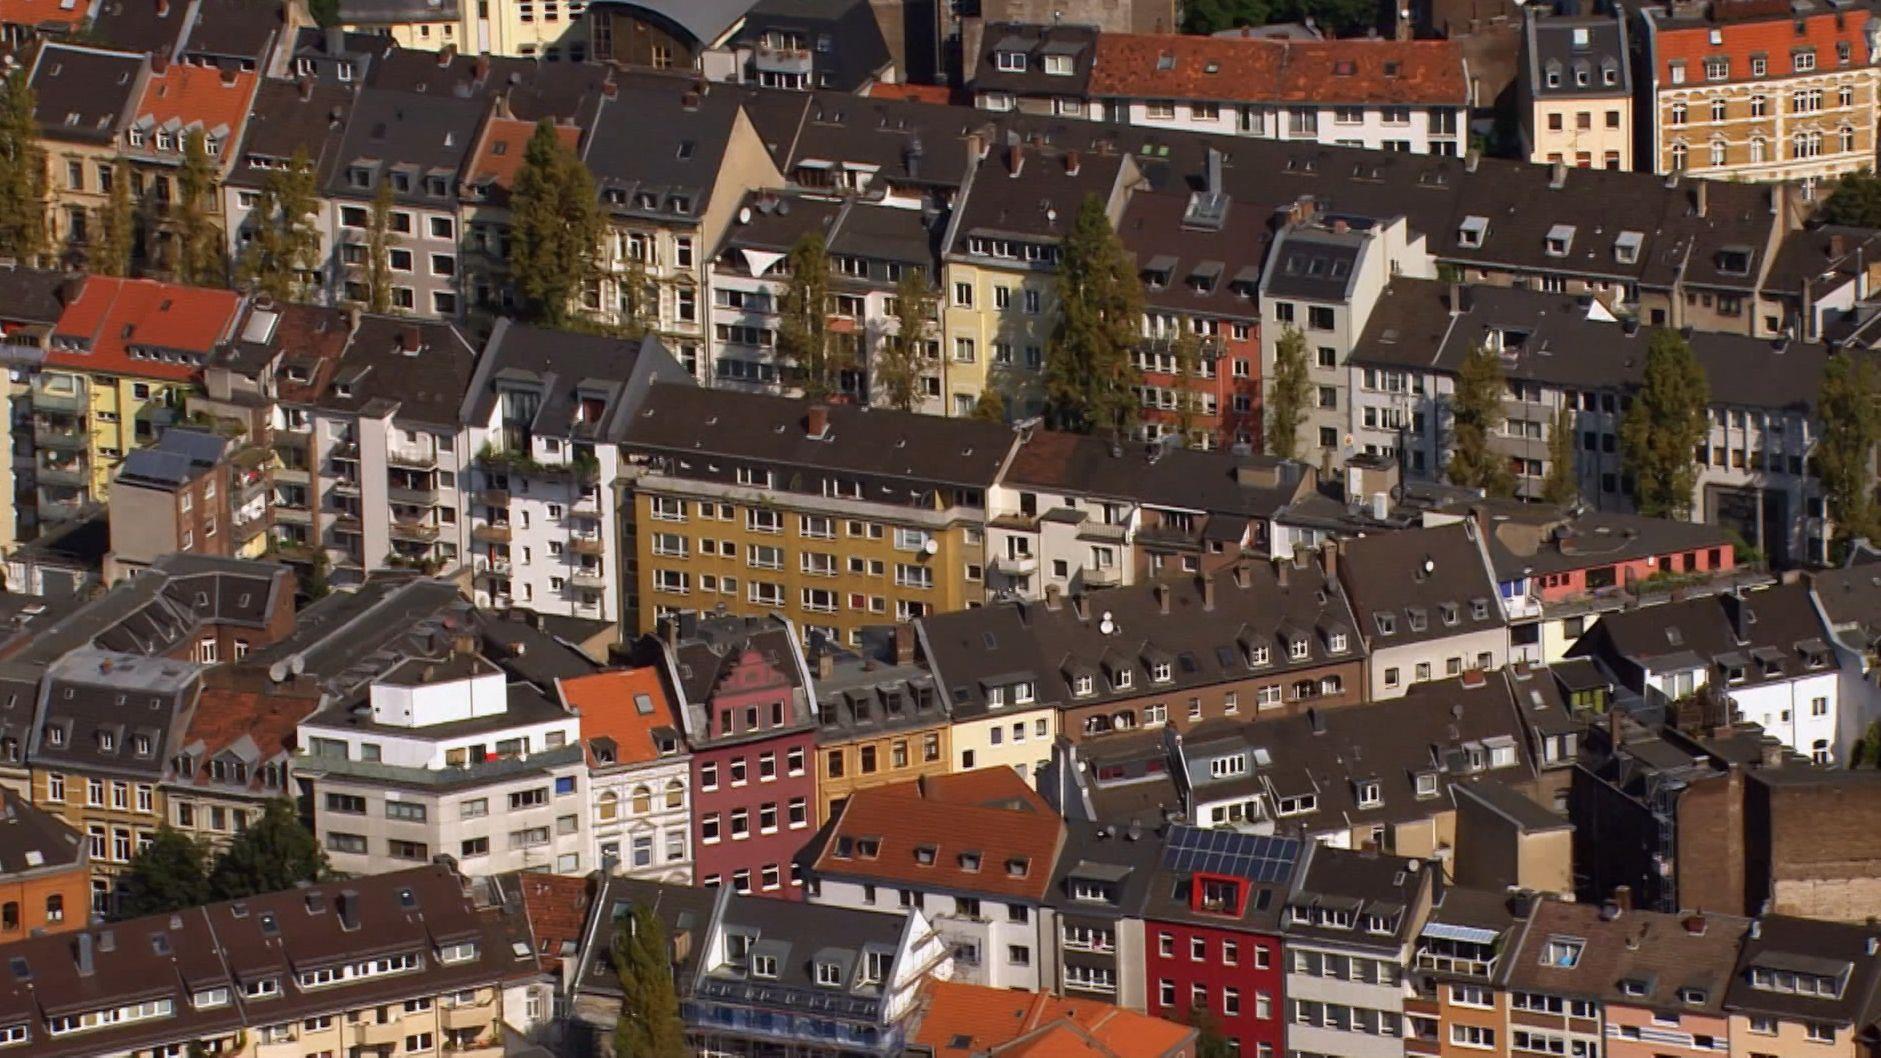 Häuserzeilen in der Stadt